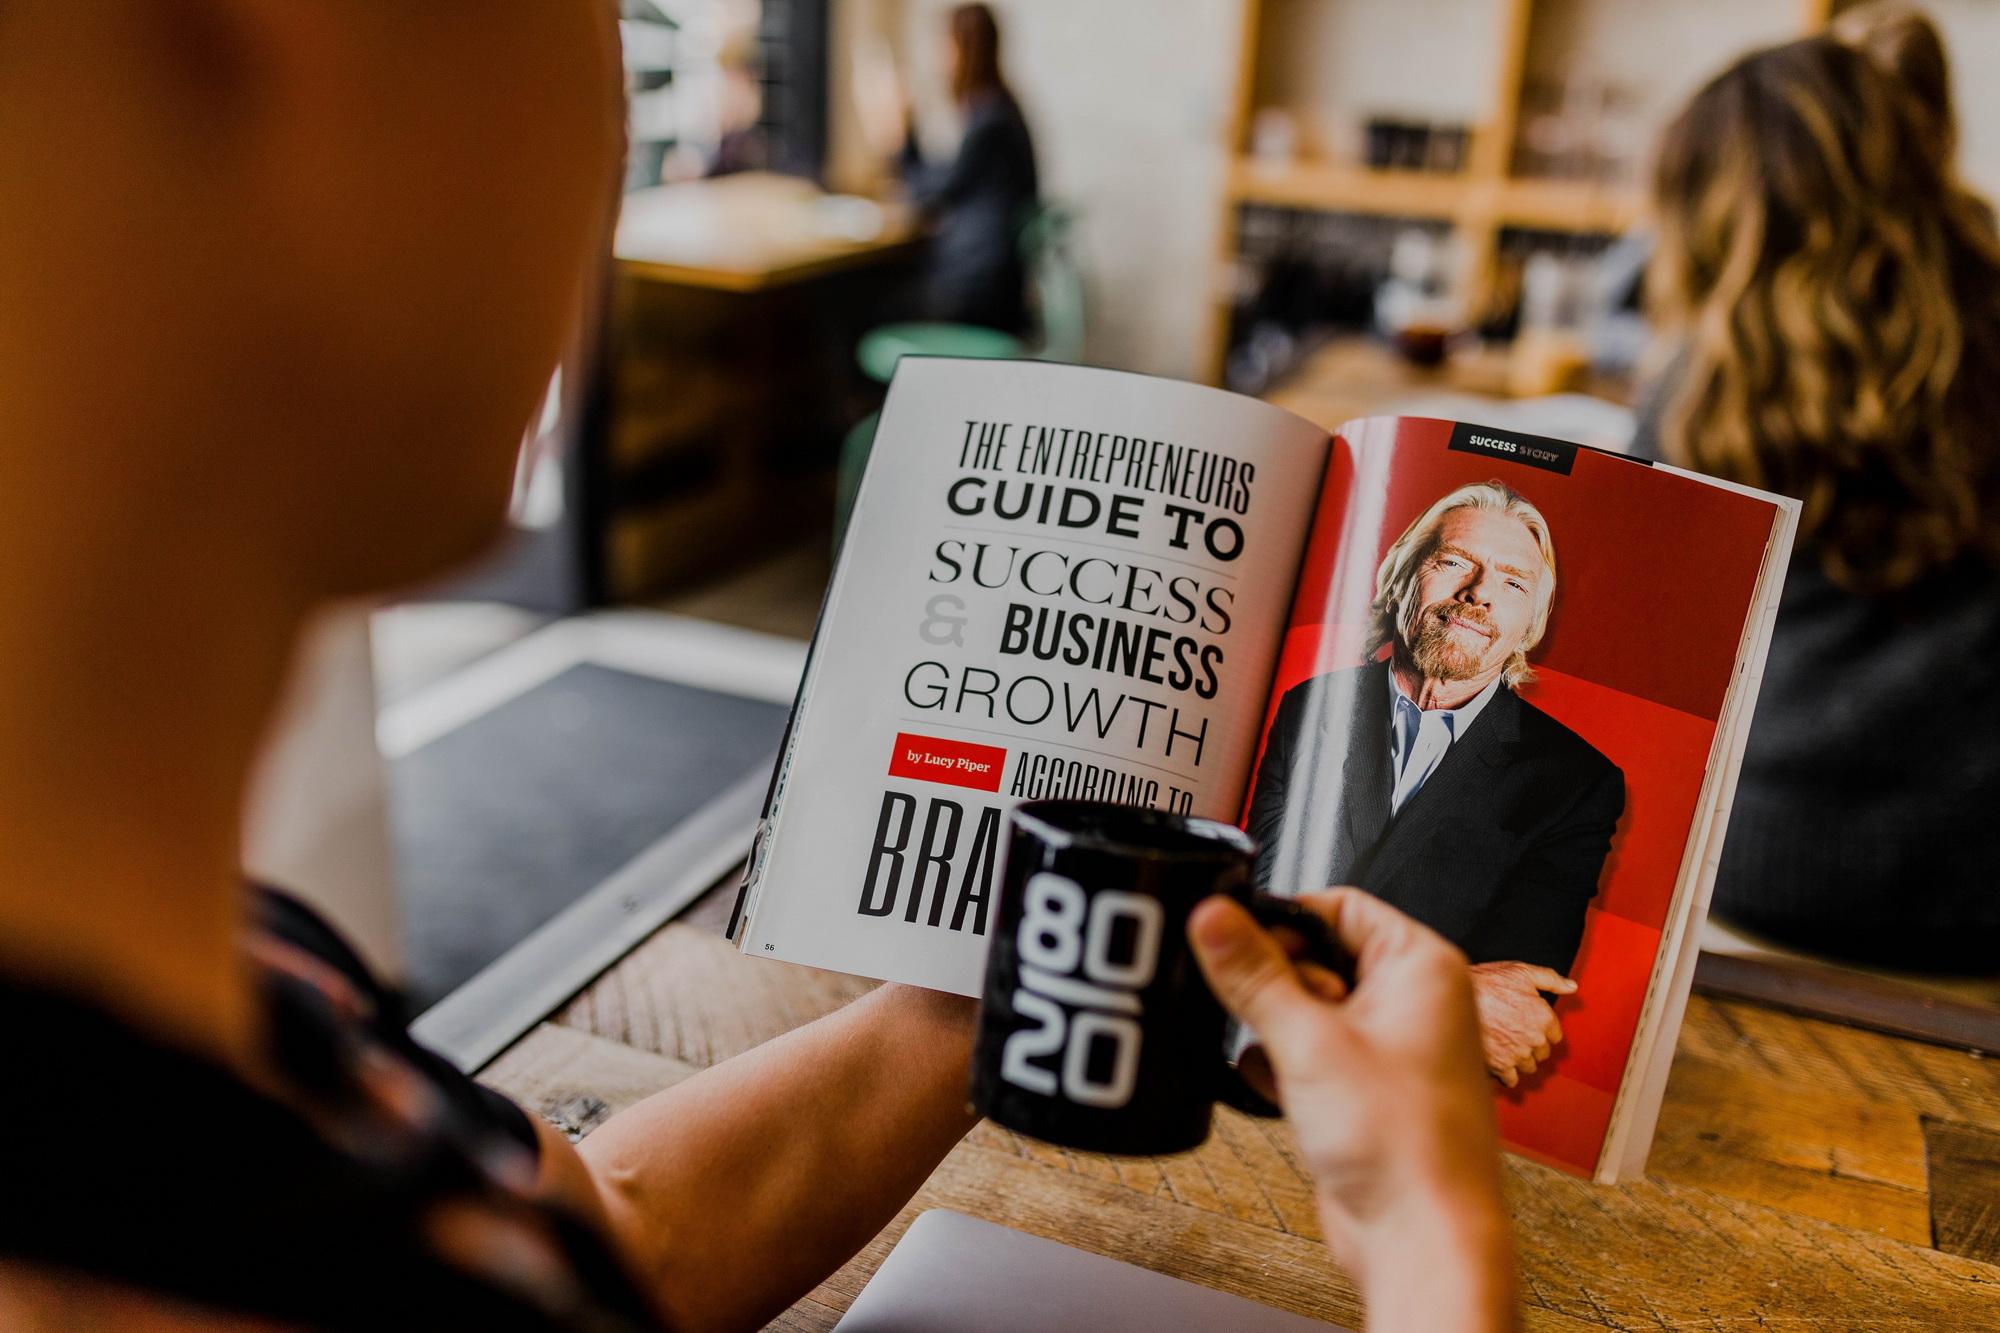 محیط کسب و کار در اروپا چقدر رقابتی است؟